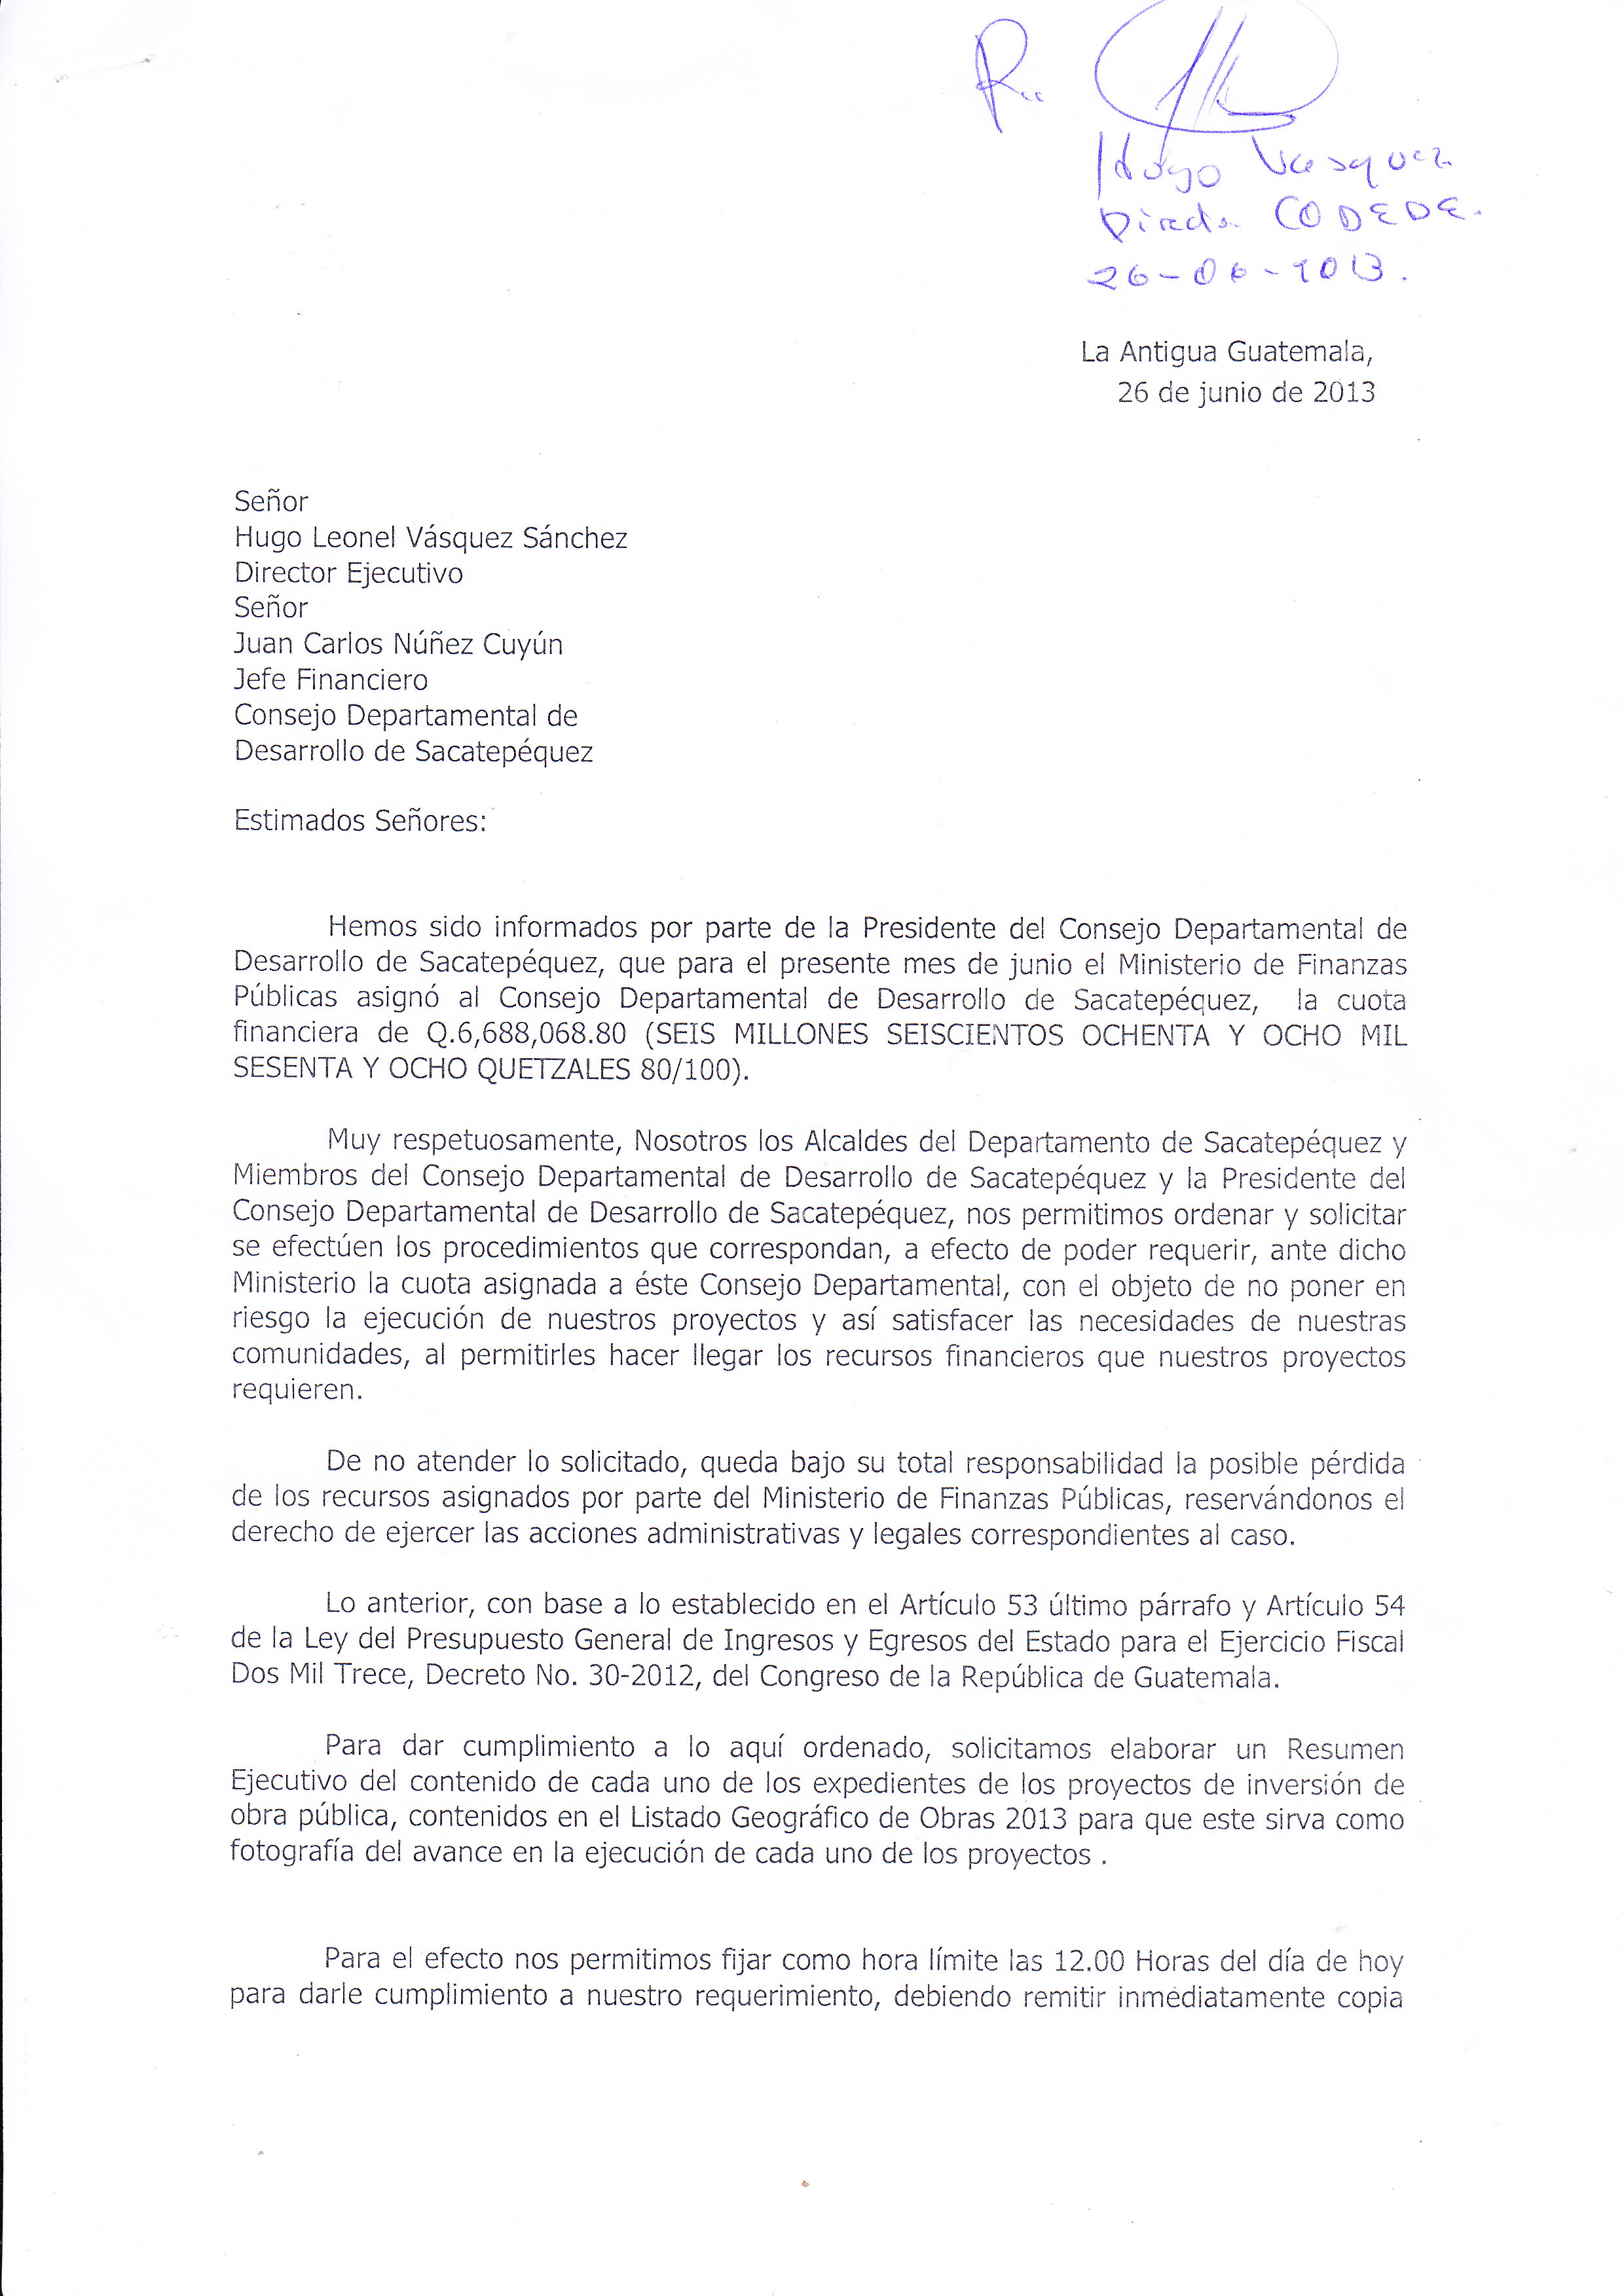 Único Resumen De Resumen Ejecutivo De Finanzas Foto - Colección De ...